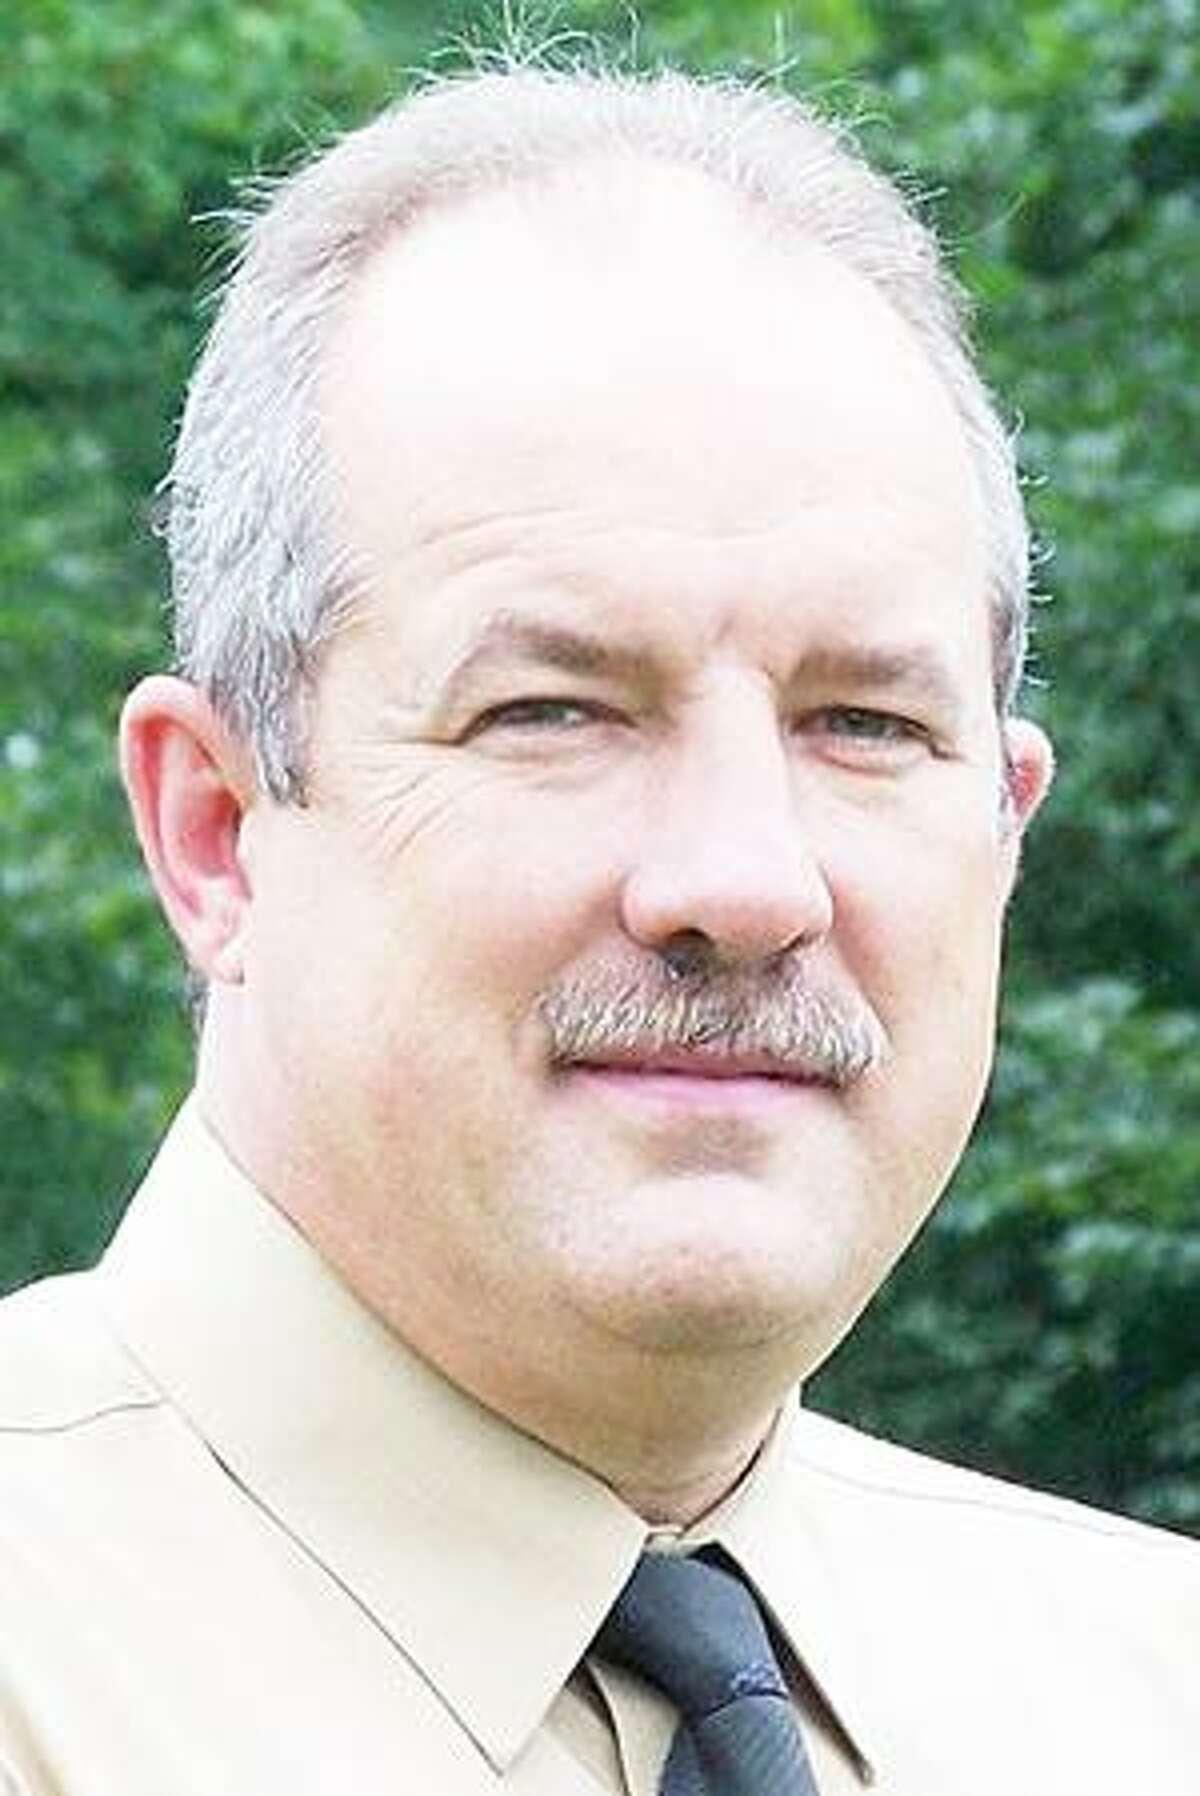 Richard Rados